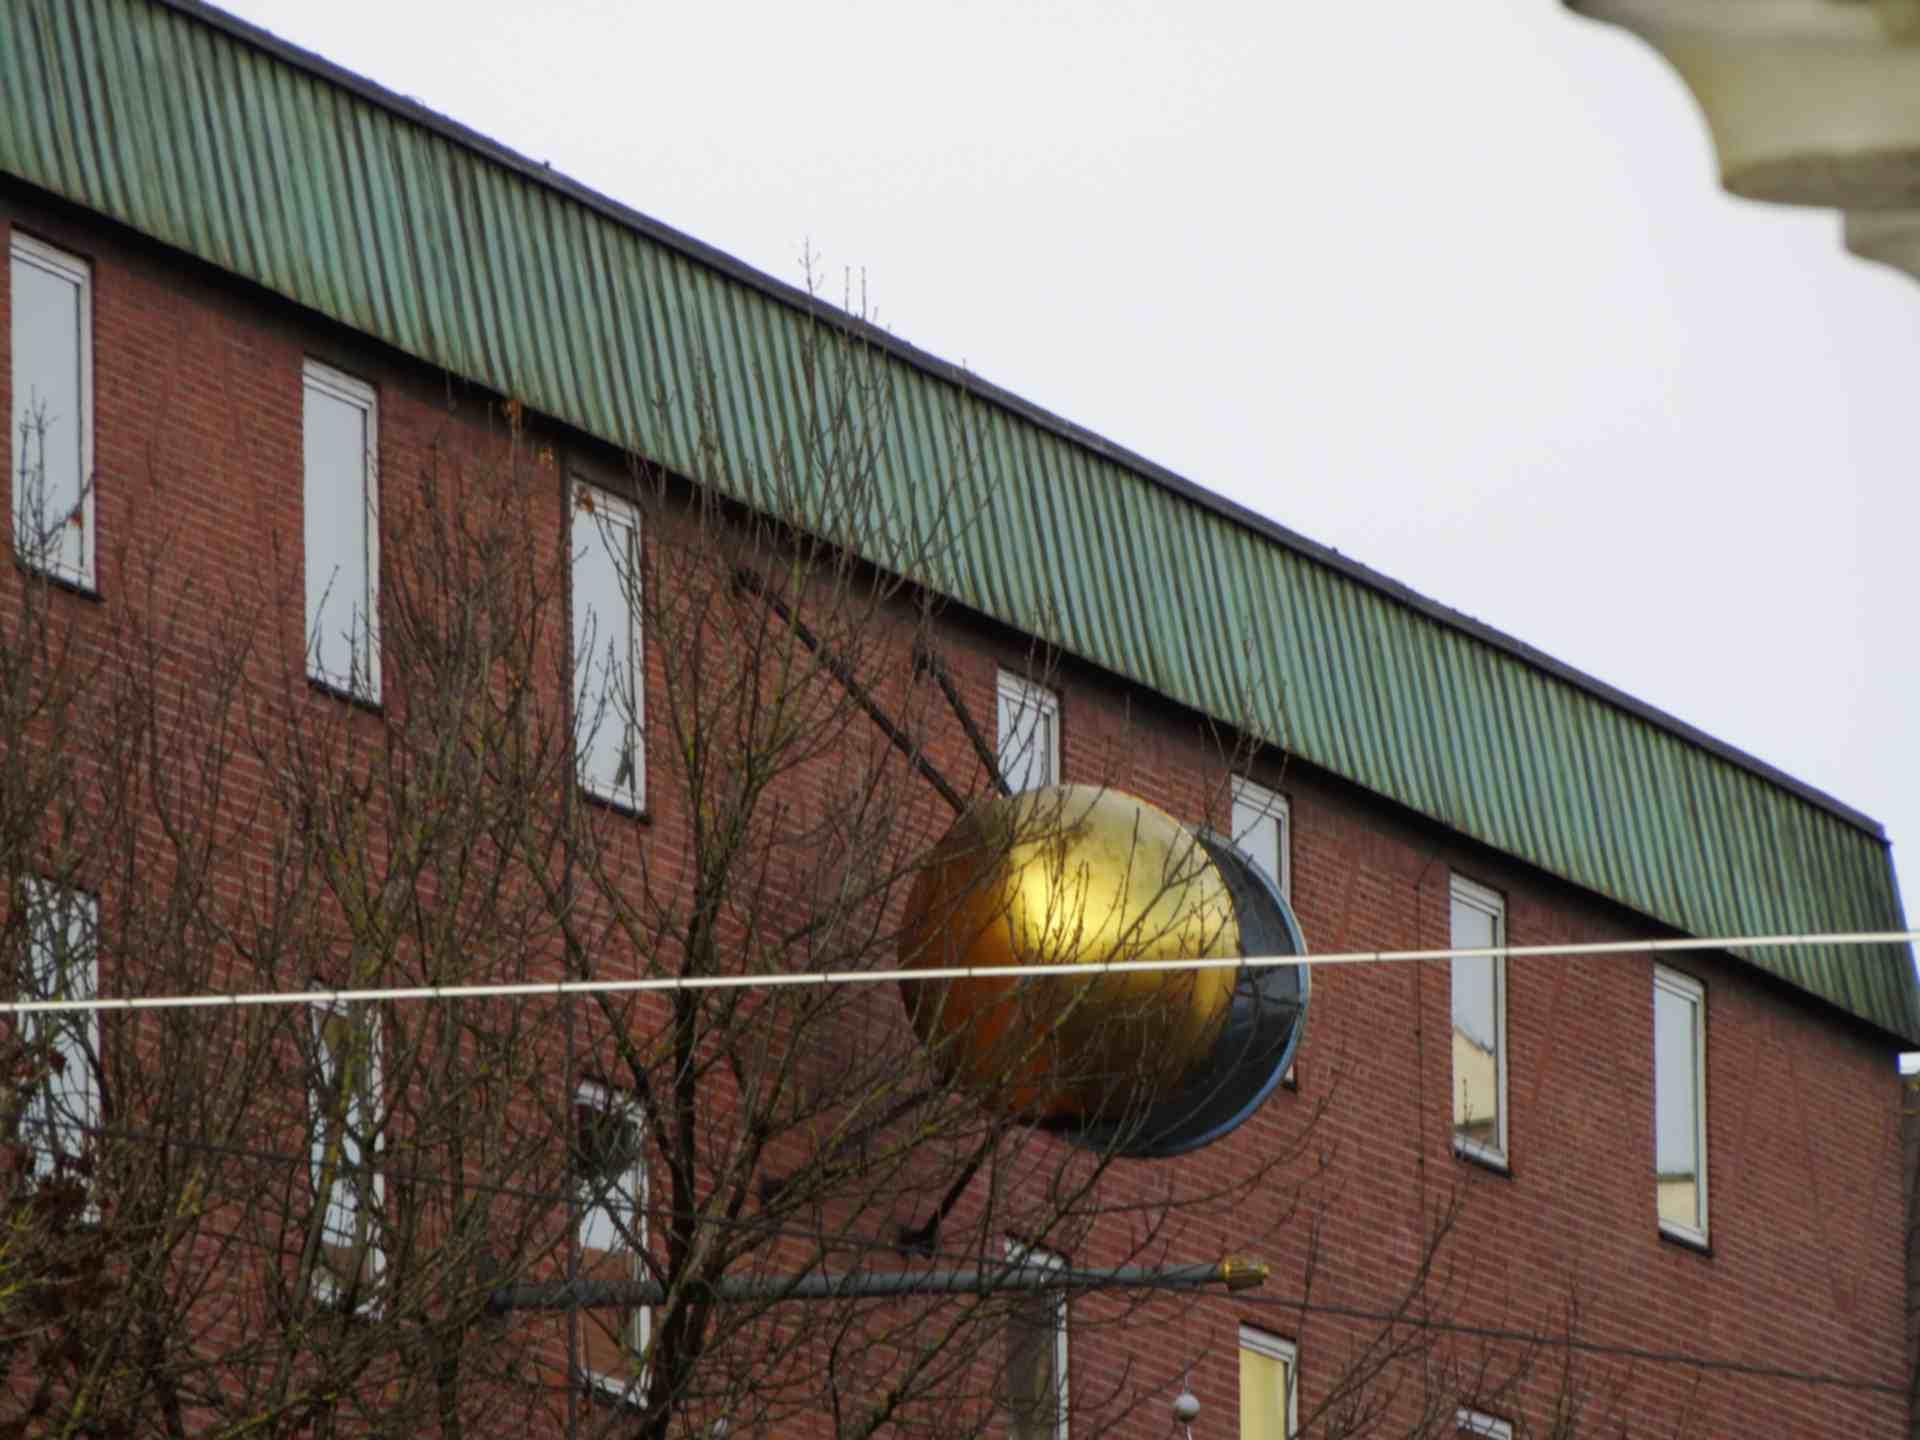 Ansprüche wegen Patentverletzung und der rechtskräftig abgeschlossene Vorprozess